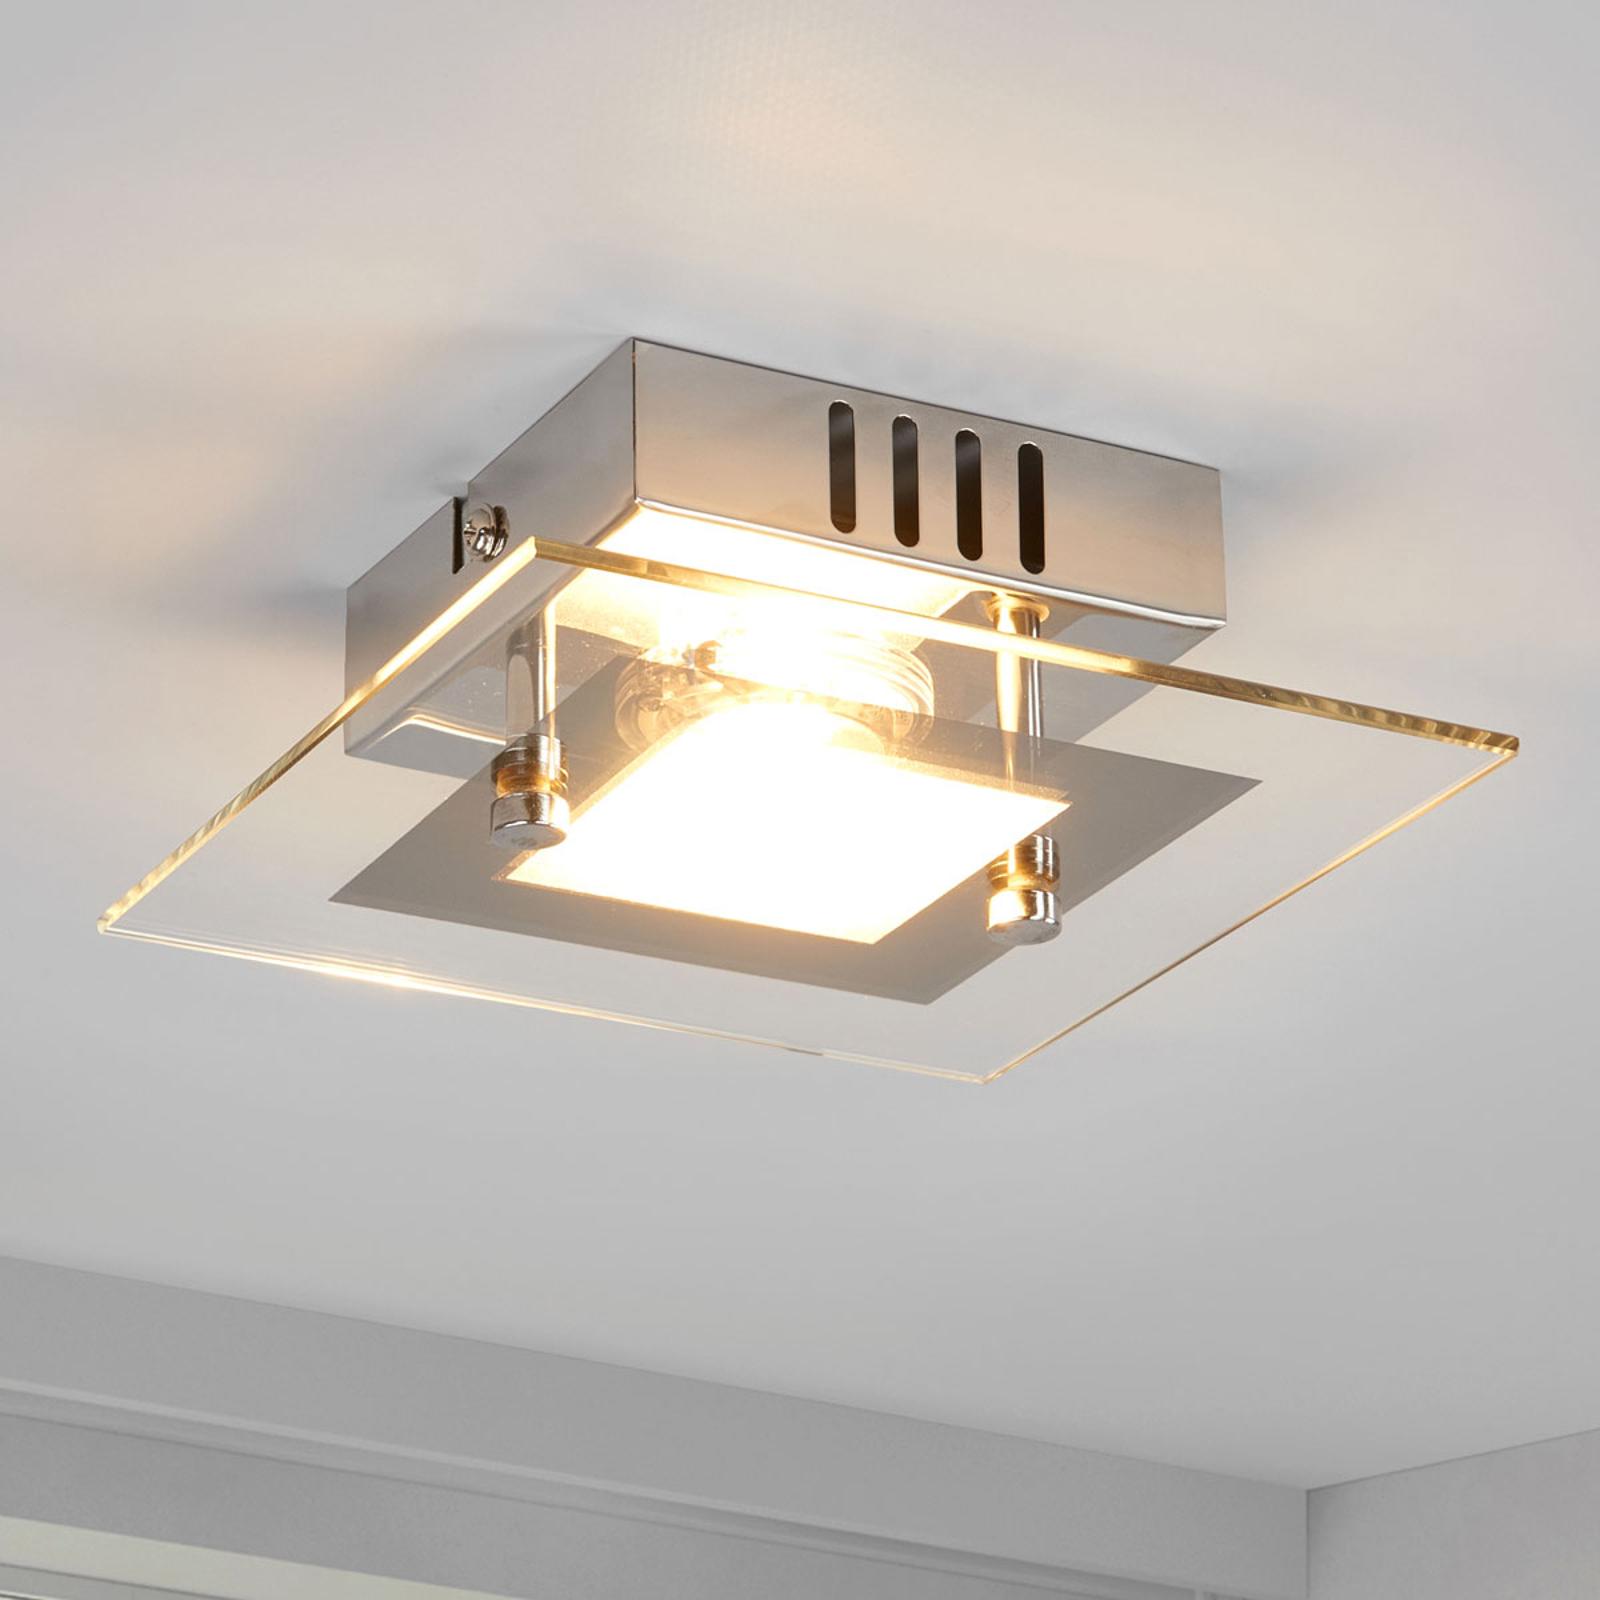 Mała lampa sufitowa LED Manja